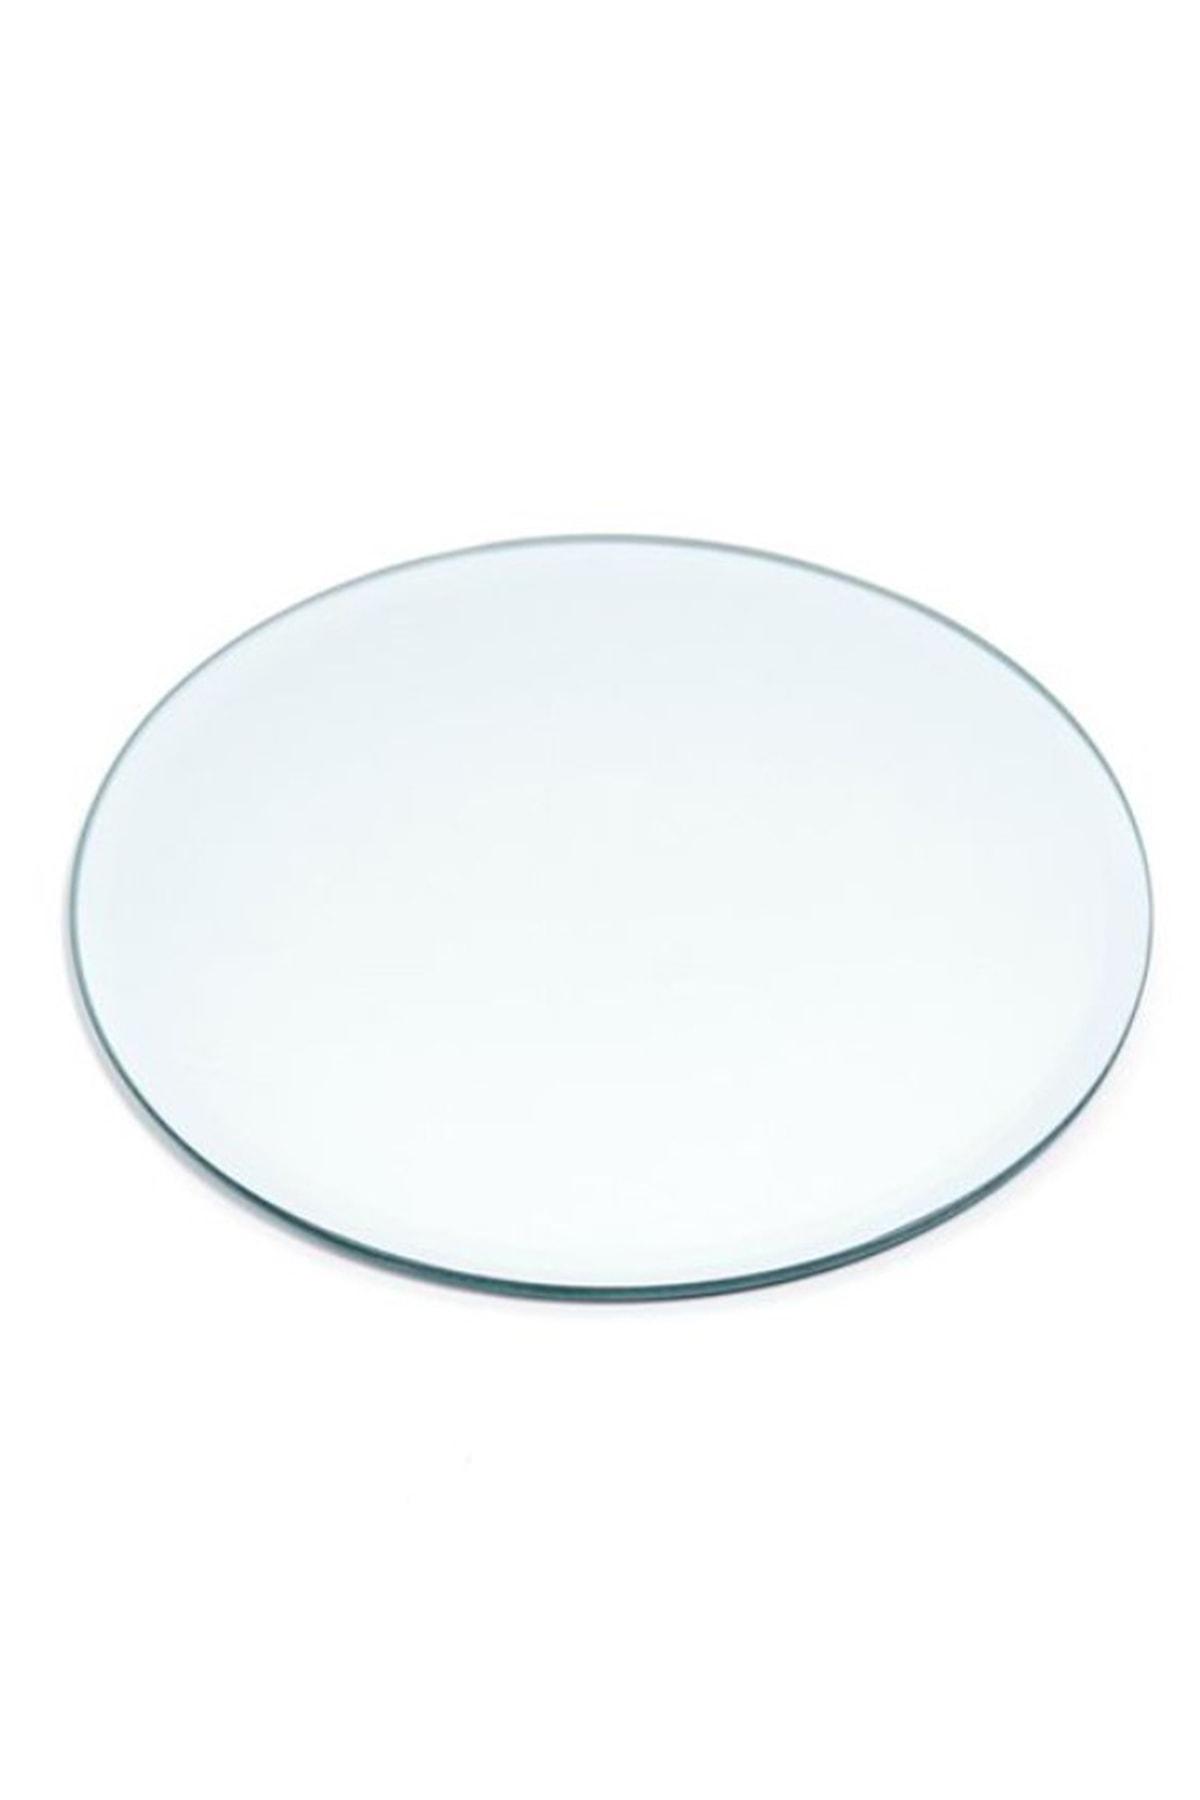 Makromeler Için Yuvarlak Kesim Kaliteli Ayna 18 Cm